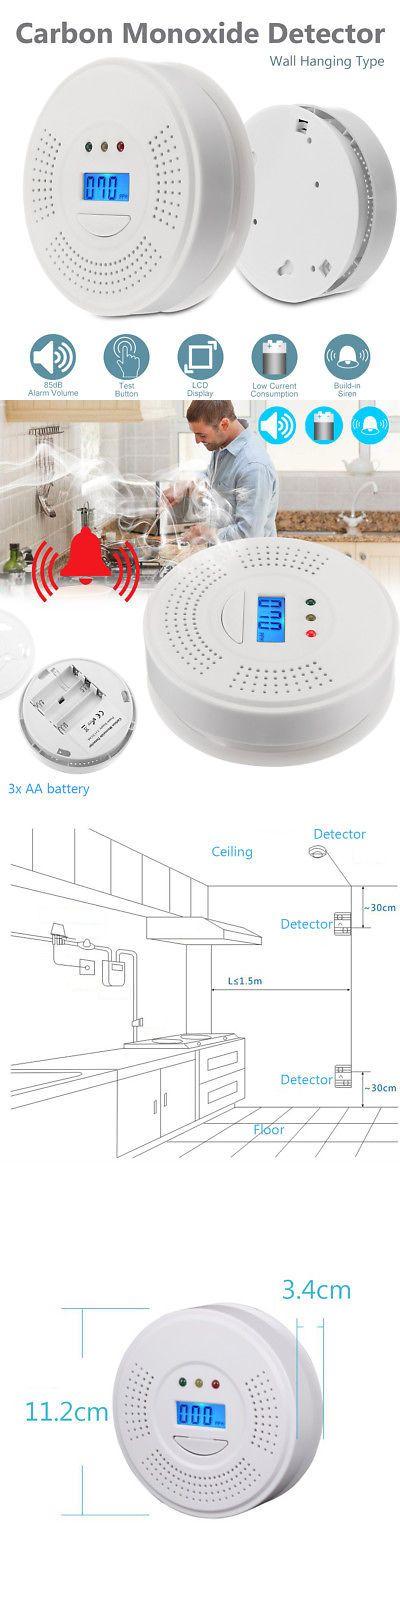 Carbon Monoxide Detectors 115943 Rh 105 Co Carbon Monoxide Detector Audio Alarm Brand New Fast Ship From U S A Buy It No With Images Carbon Monoxide Detector Detector